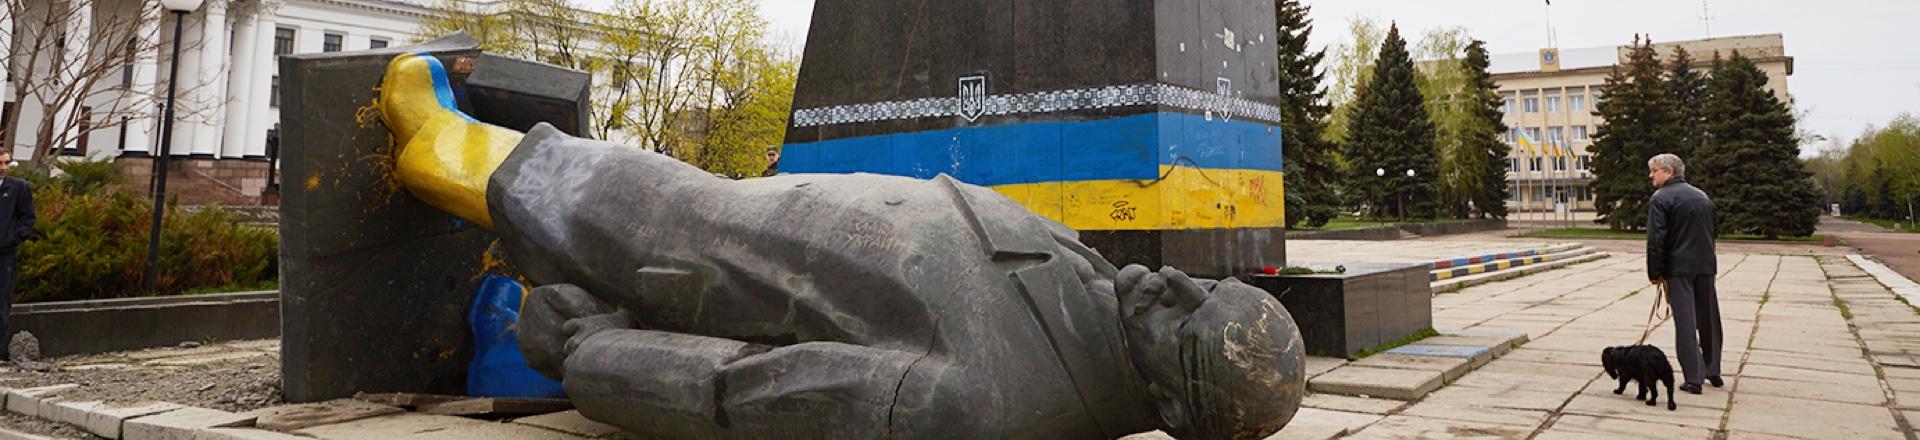 Регіон, нація та інше: інтердисциплінарне та міжкультурне переосмислення України